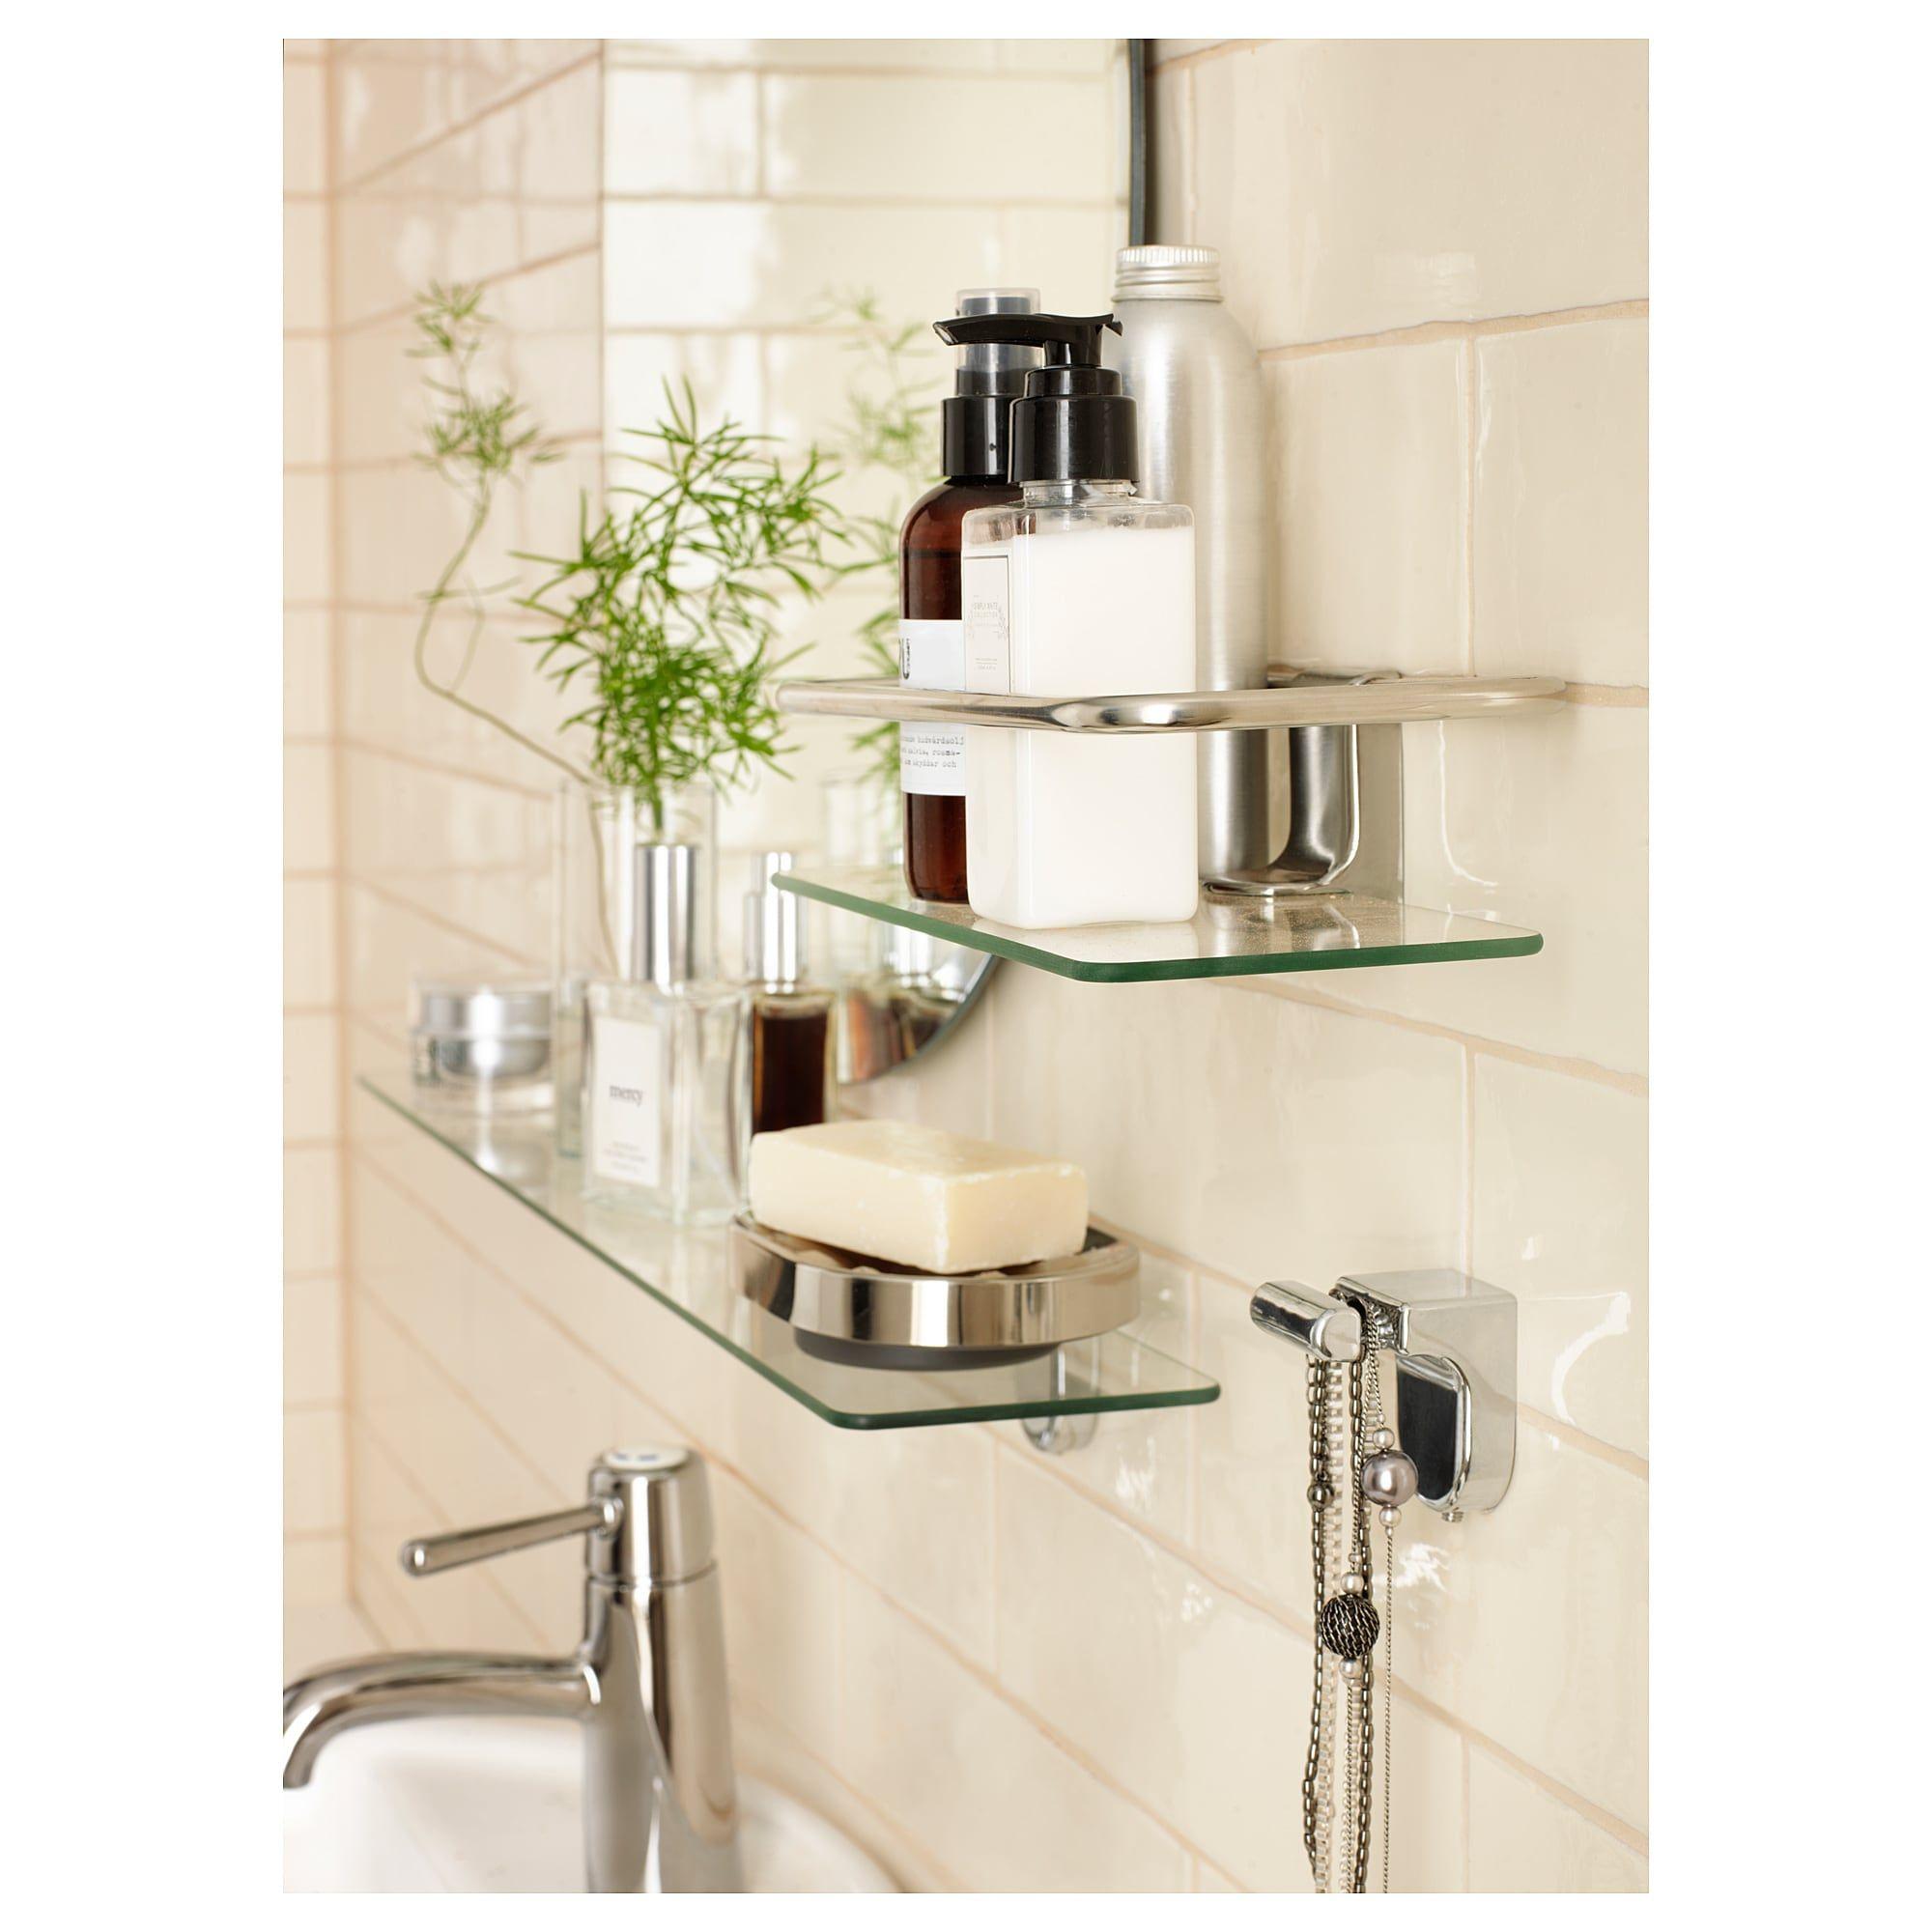 Kalkgrund Etagere En Verre 62x11cm Ca Fr Ikea In 2021 Shower Shelves Glass Bathroom Shelves Glass Shelves In Bathroom